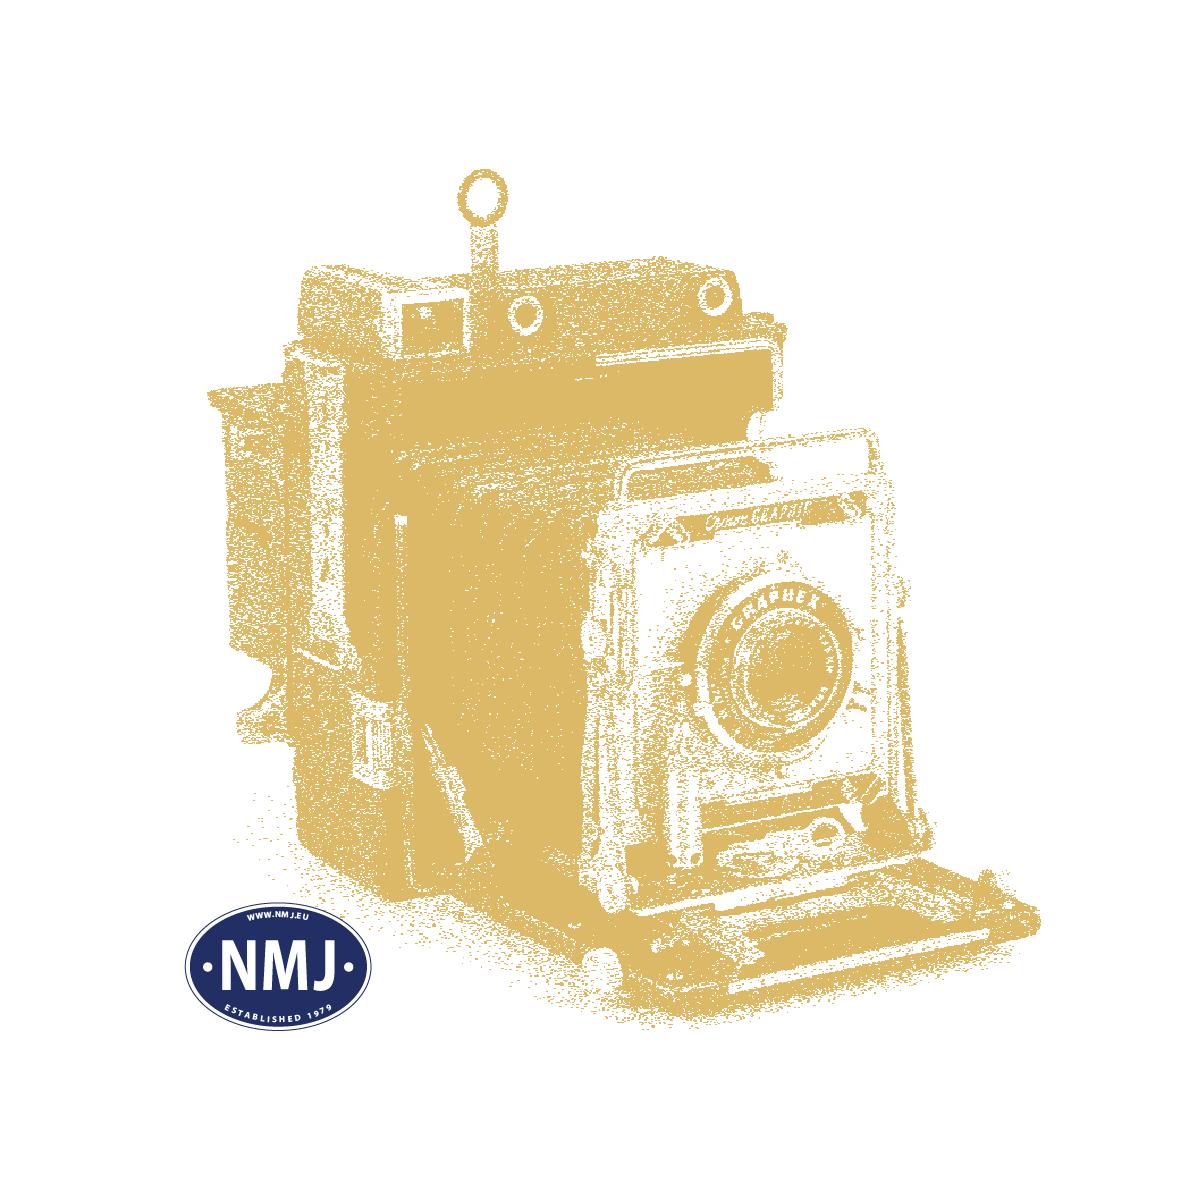 NMJT9917 - Insulators for El13